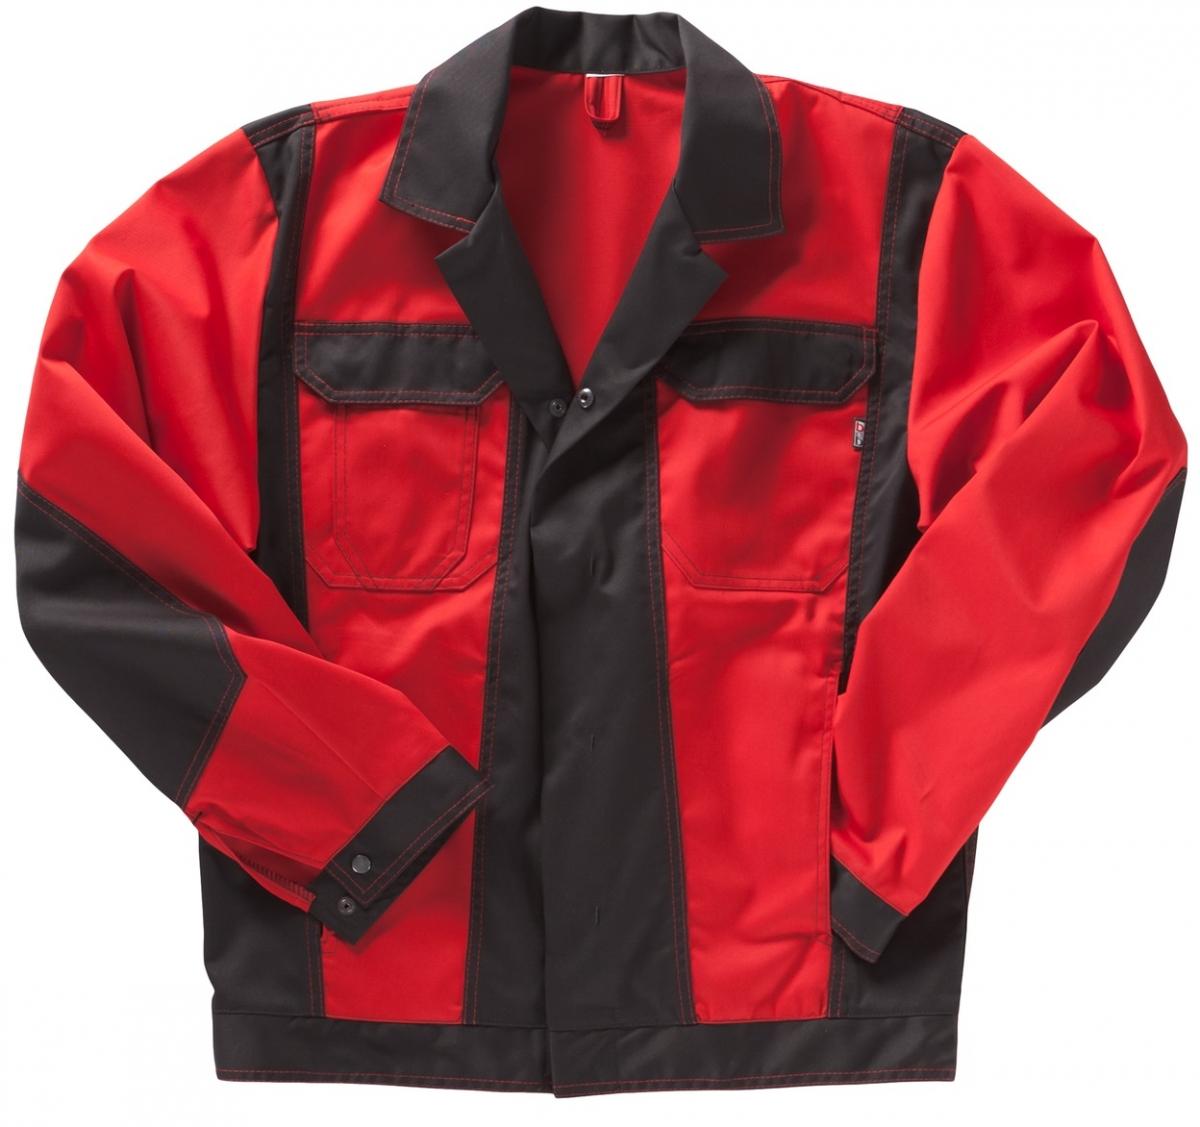 BEB-Bundjacke, Arbeits-Berufs-Jacke, Premium, MG 245, rot/schwarz